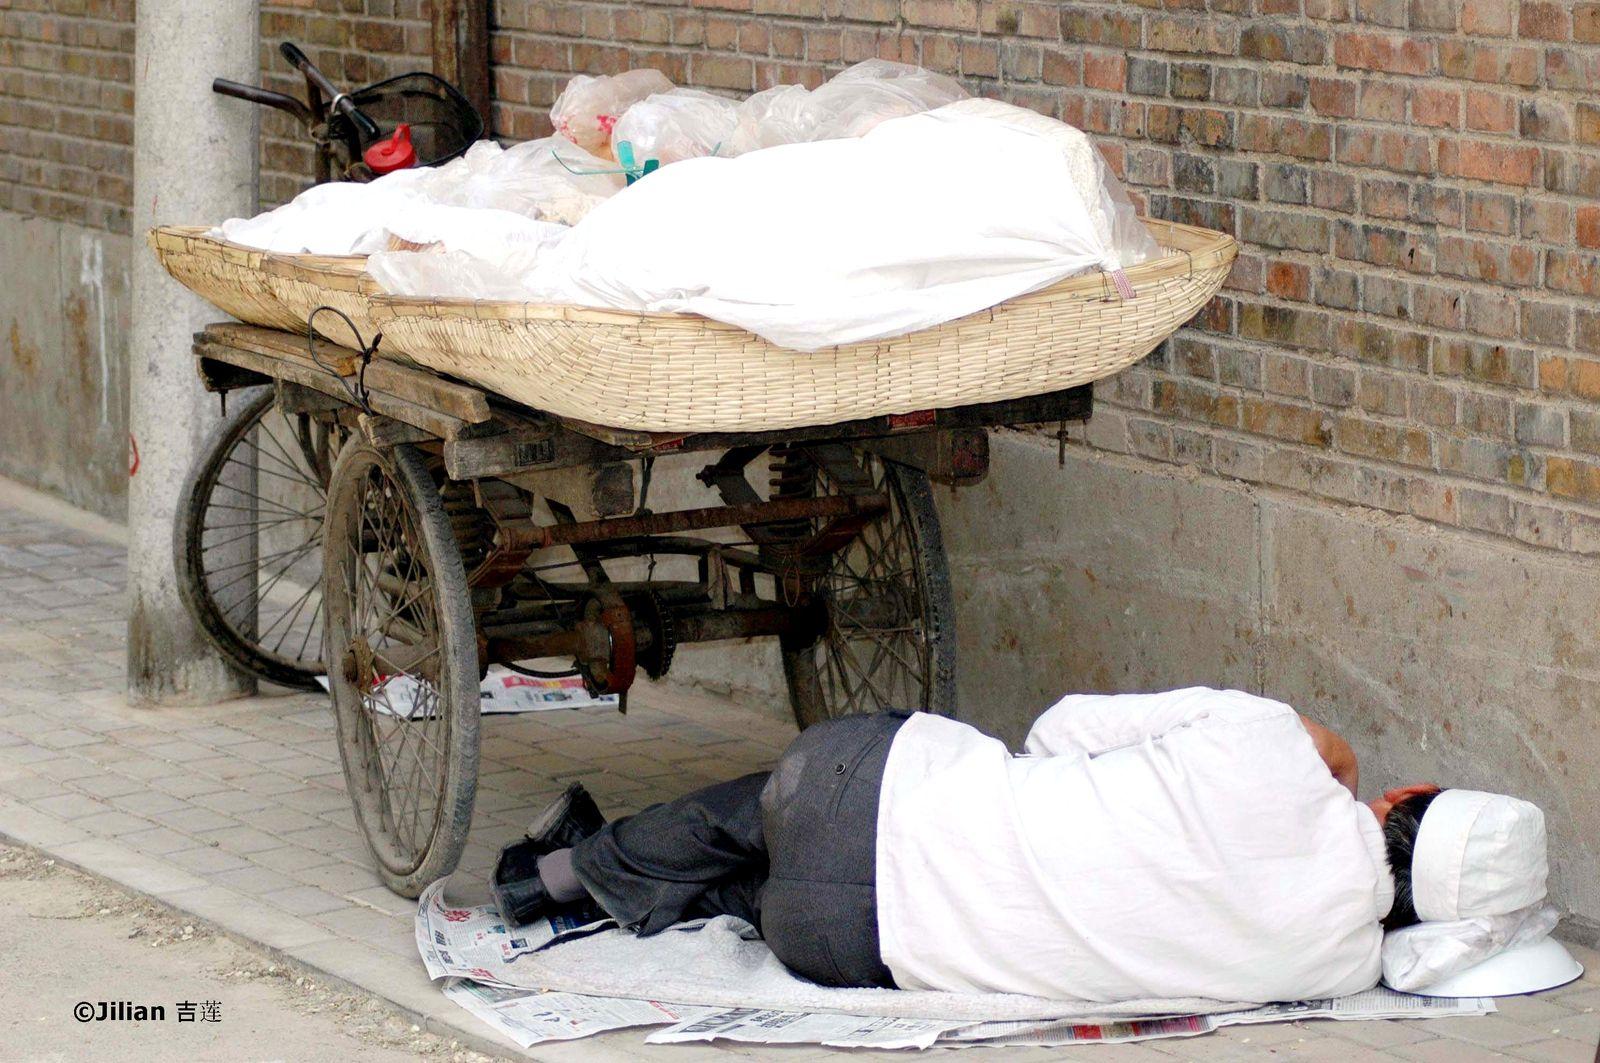 Les chinois à l'heure de la sieste - 午睡时间的中国人